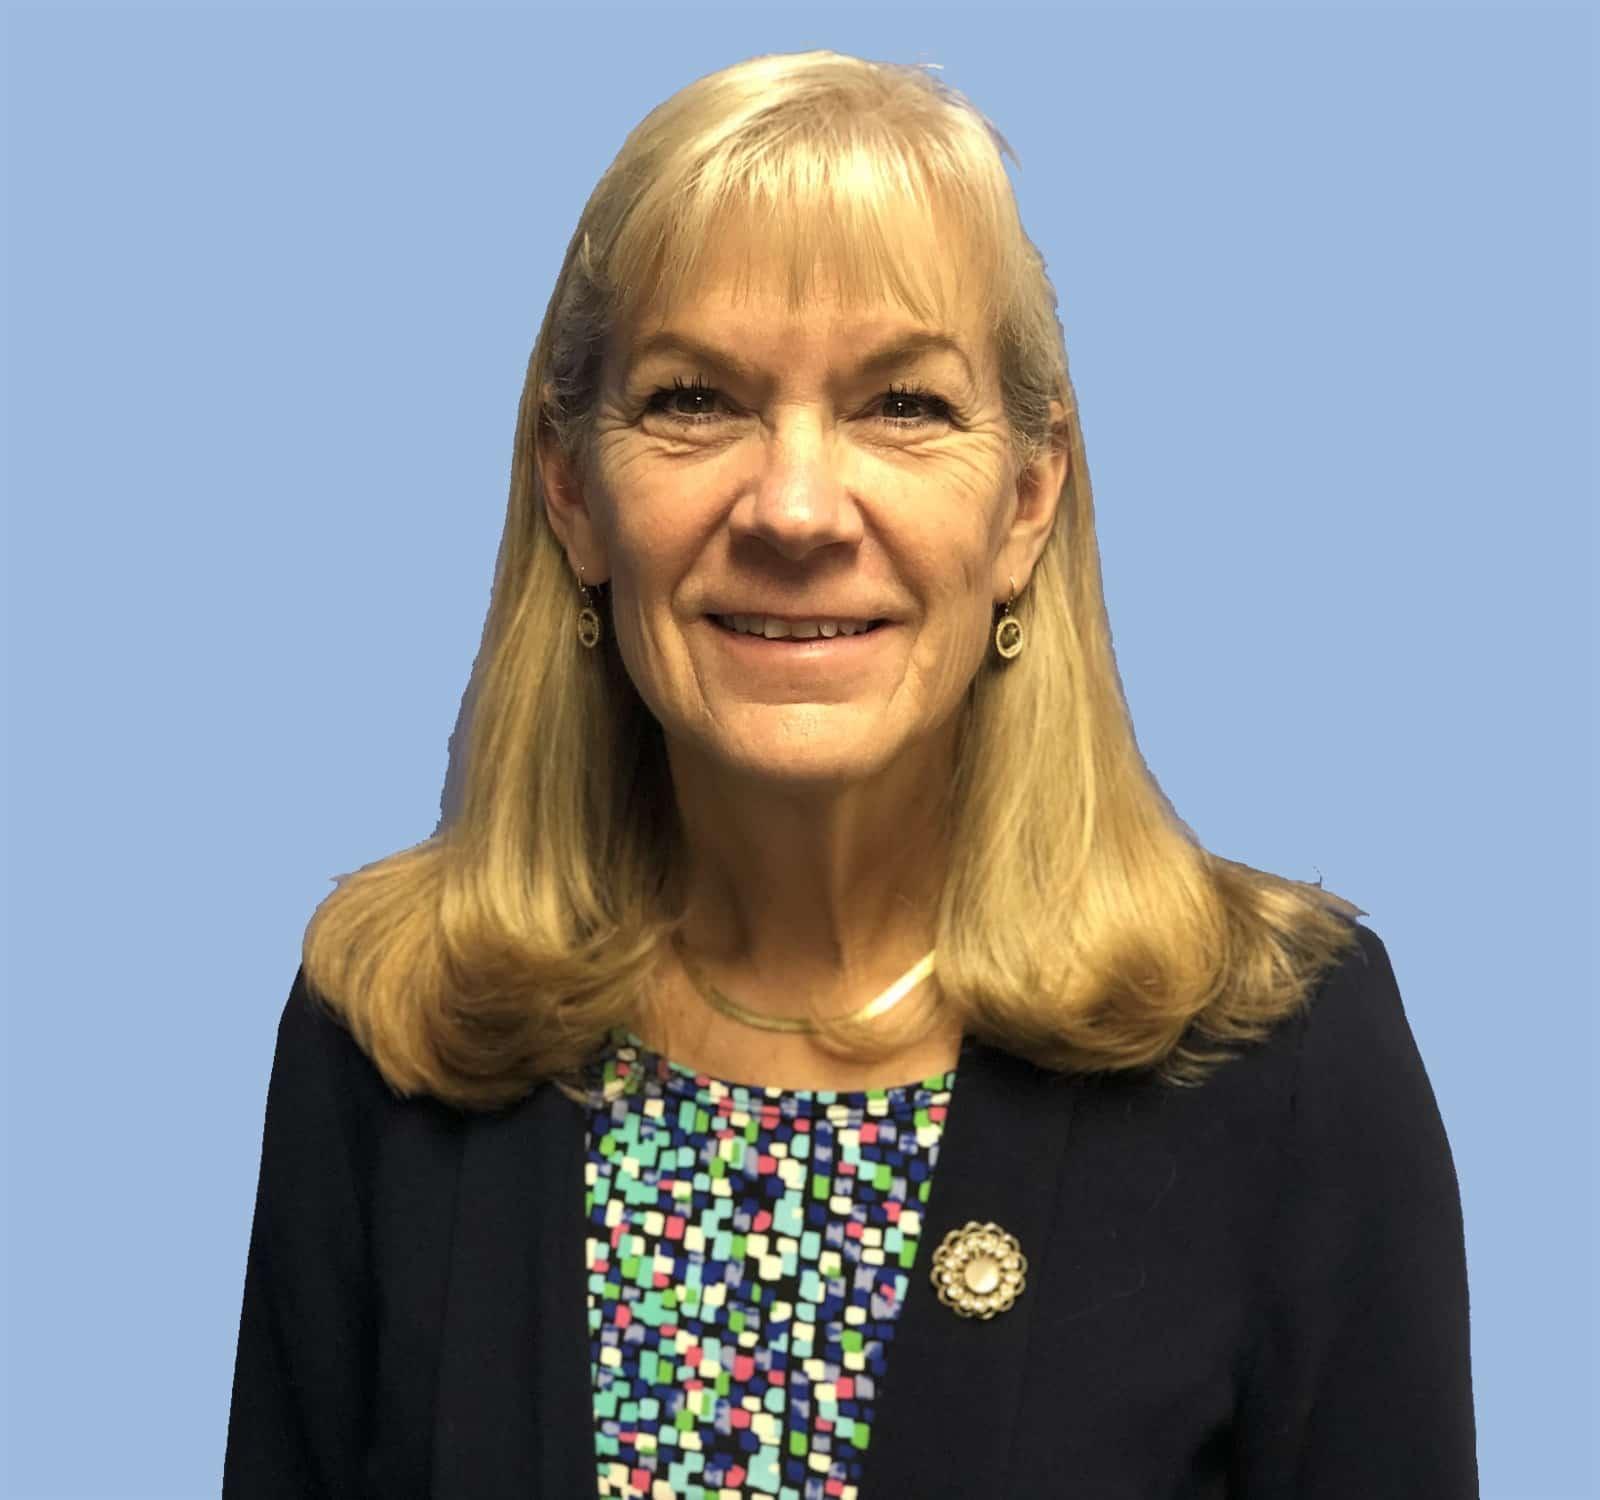 Sue Bergman